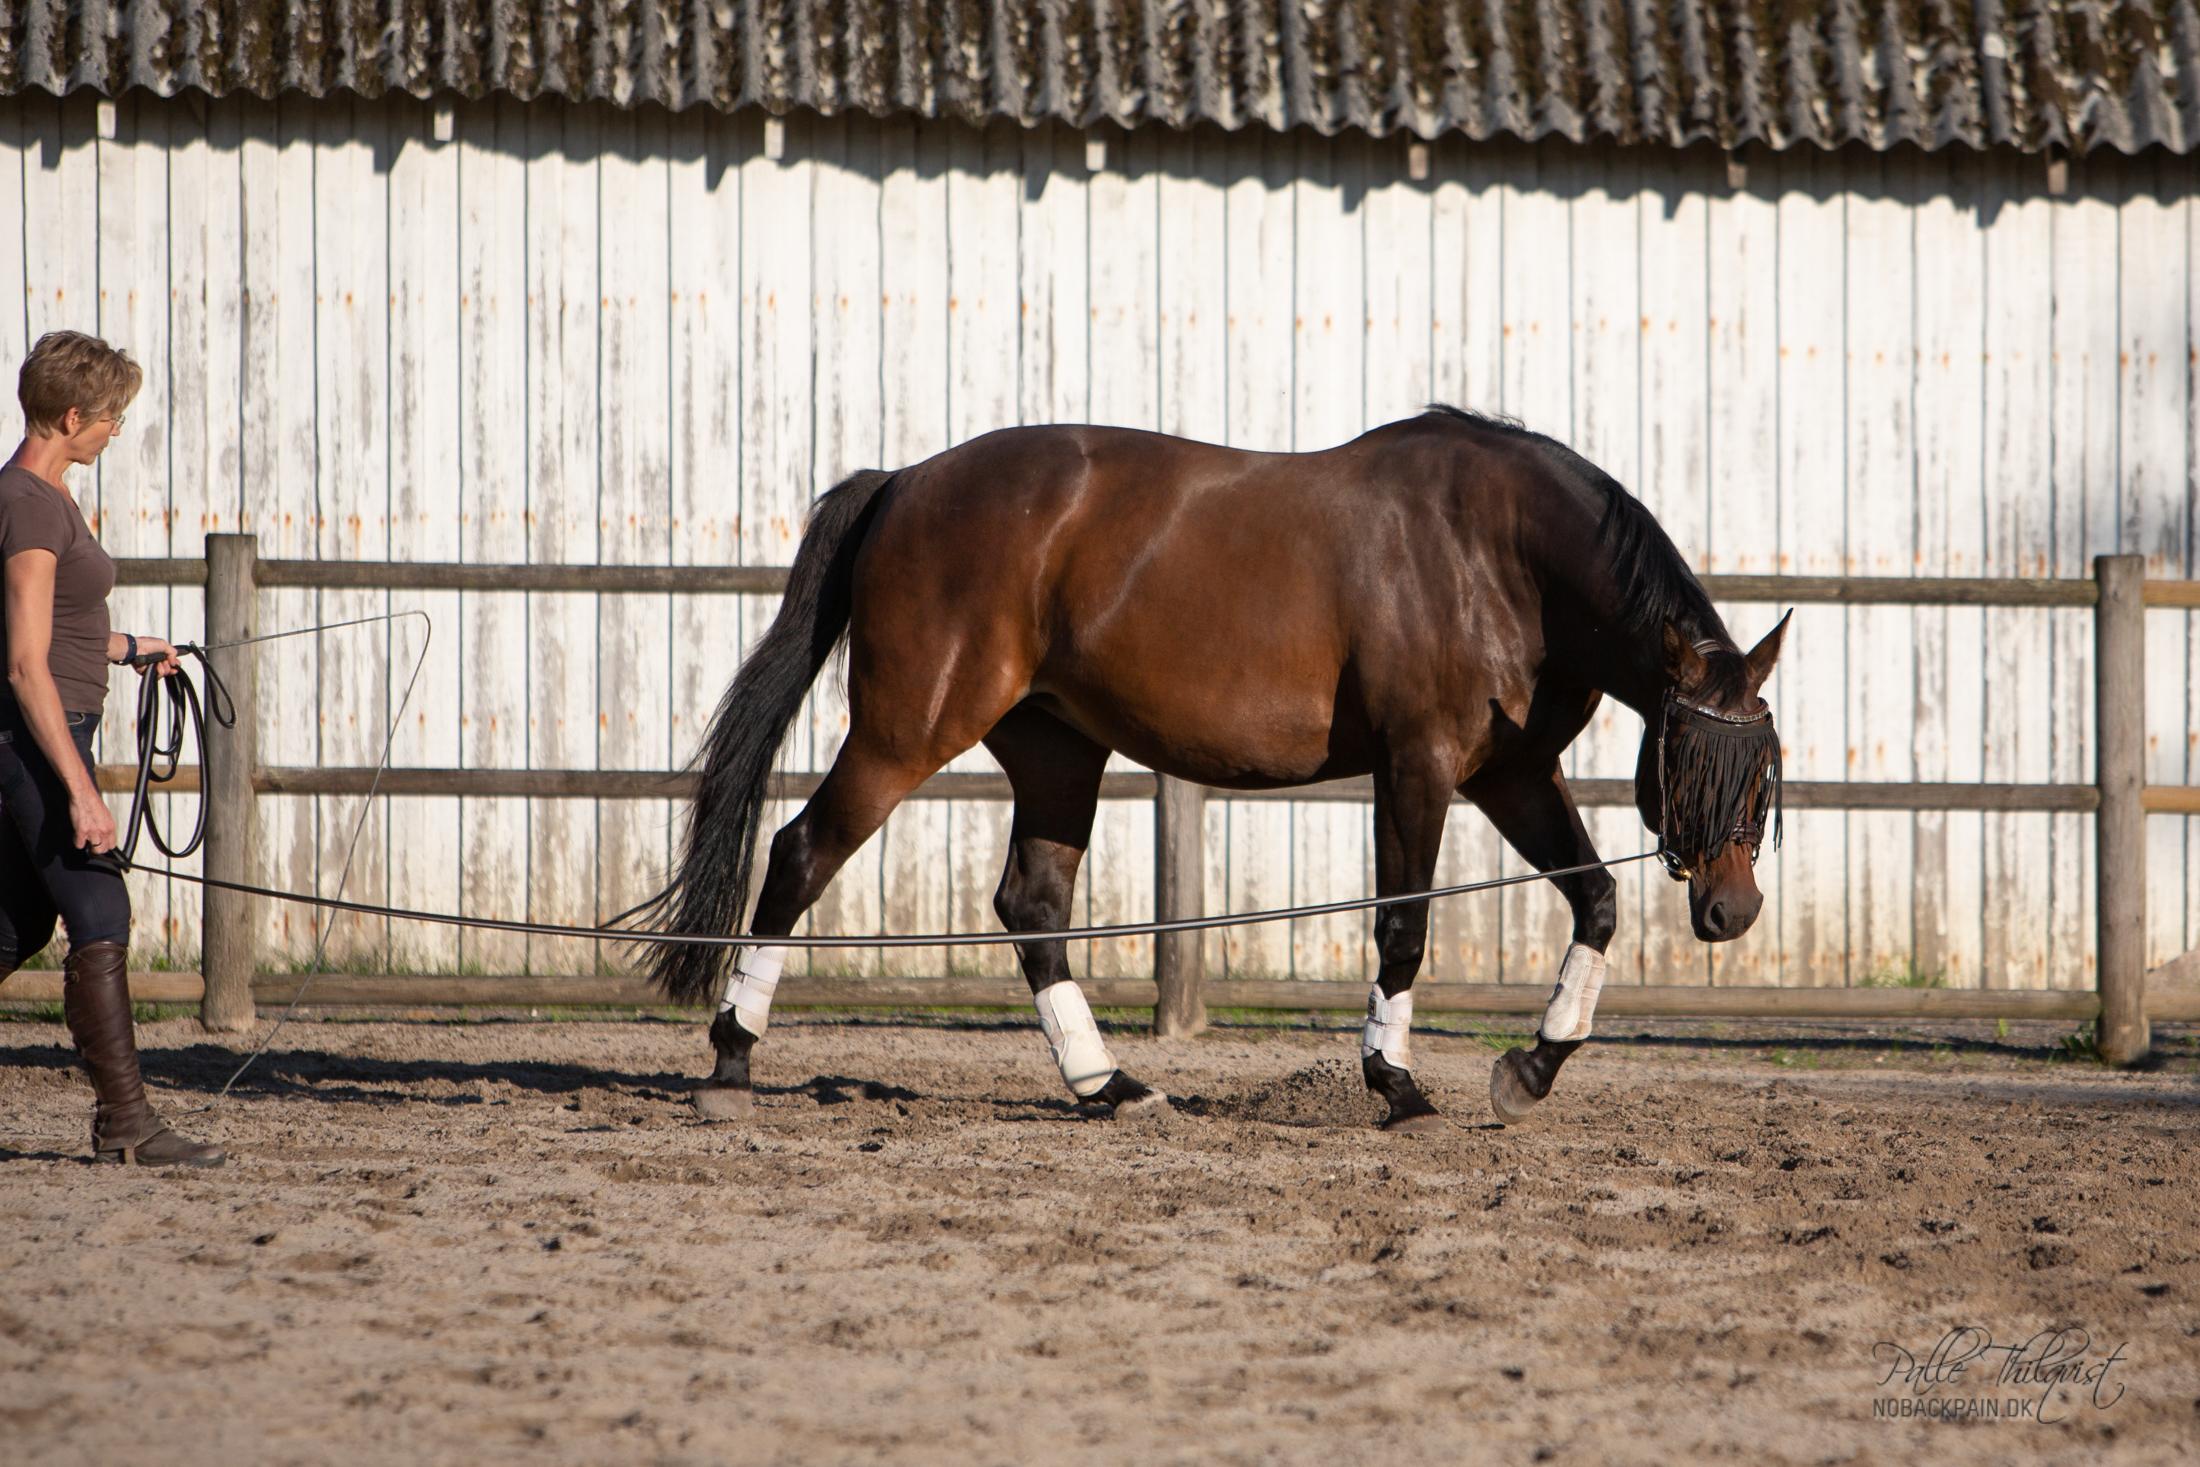 Amaze var en hest der ikke kun gav problemer under ridningen - hun blev direkte farlig.